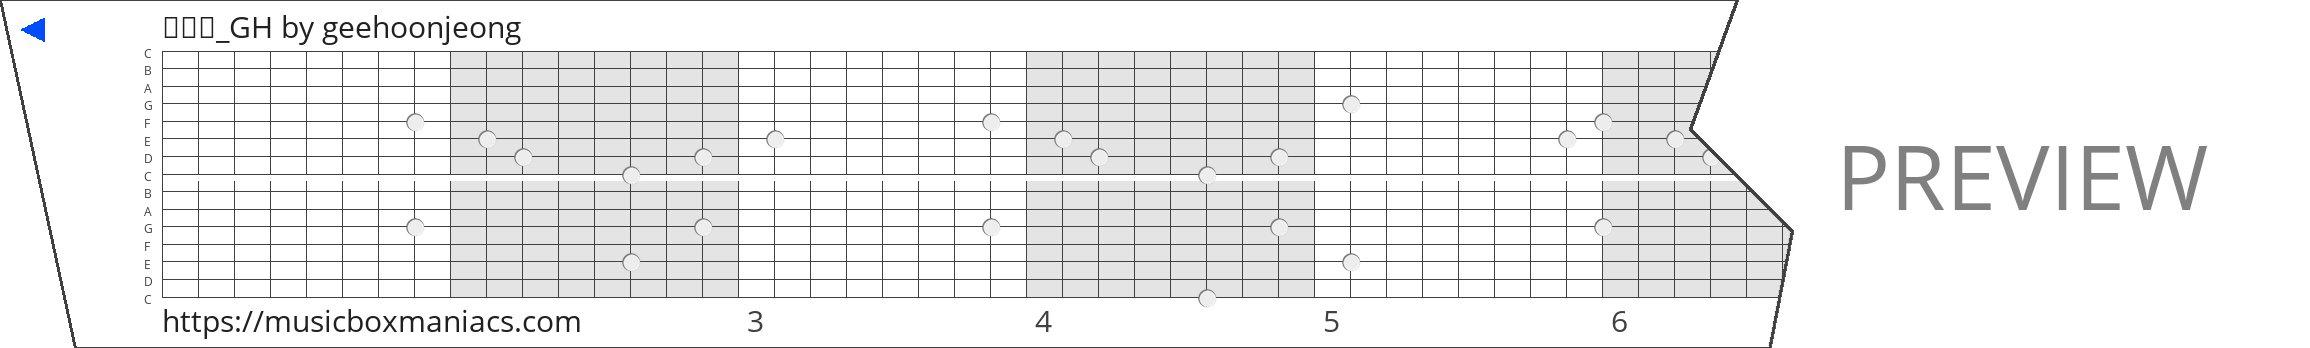 요게벳_GH 15 note music box paper strip